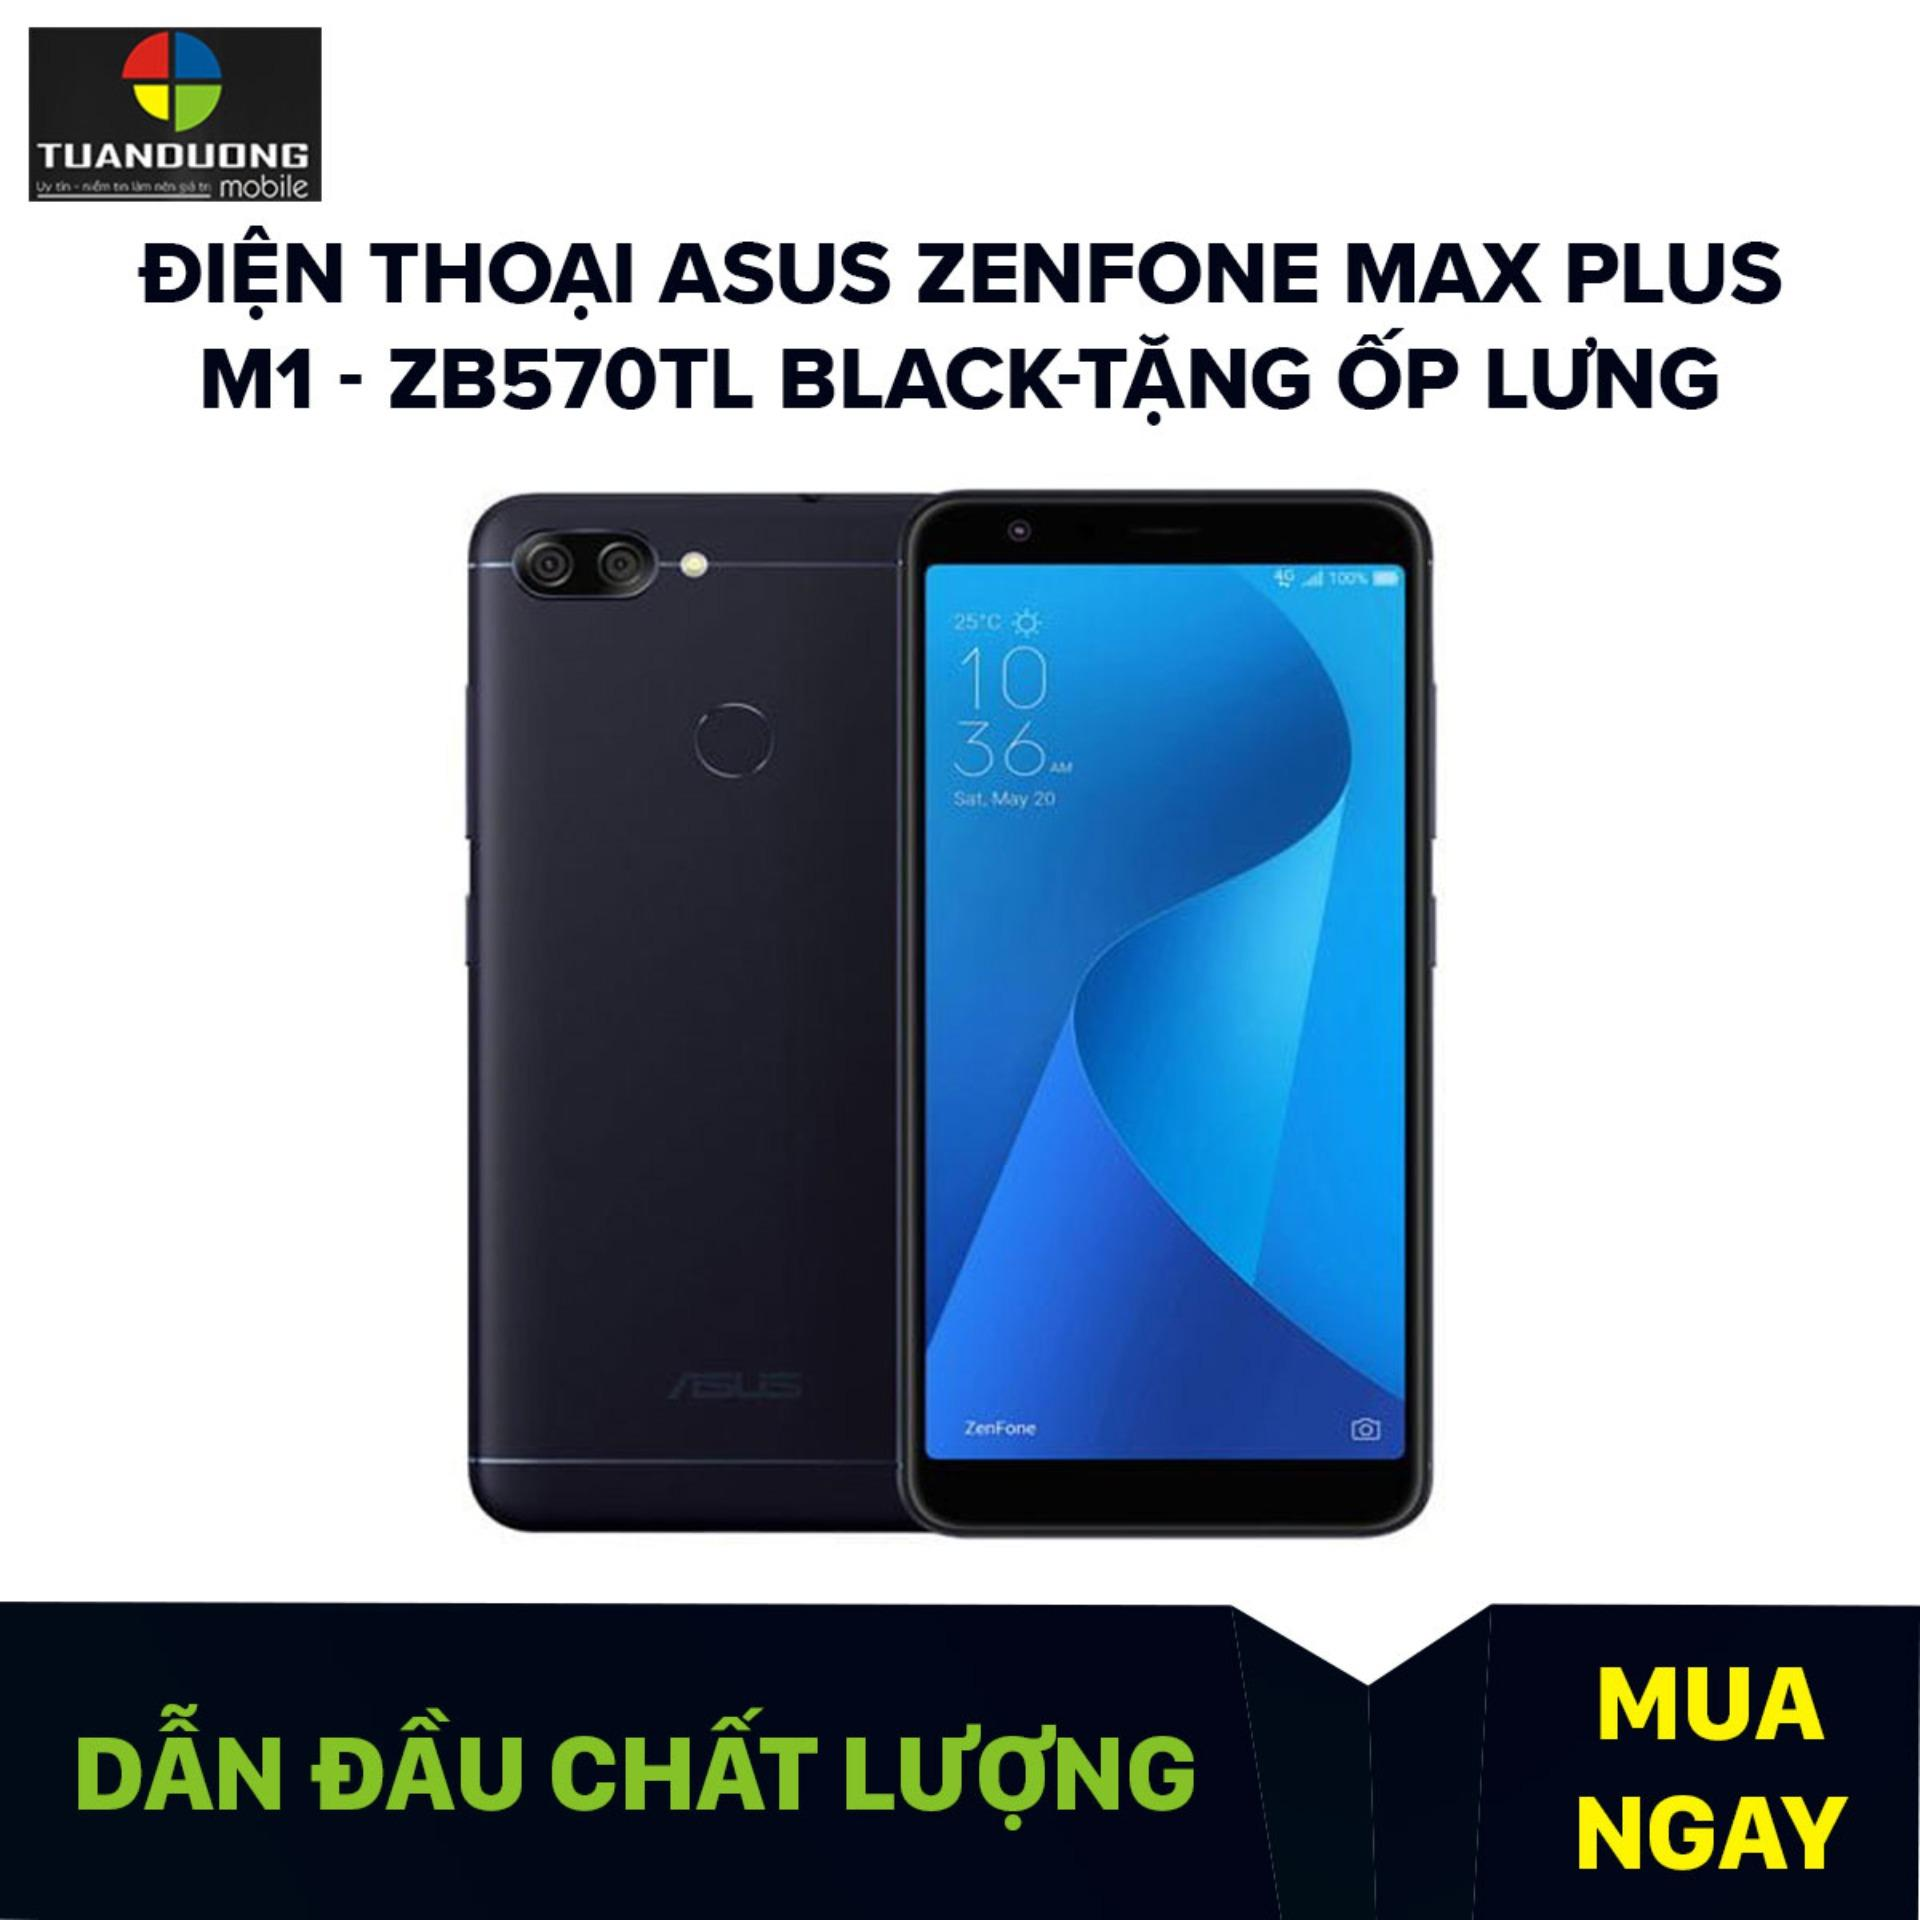 Điện thoại ASUS Zenfone Max Plus M1 - ZB570TL Black-Tặng Ốp Lưng